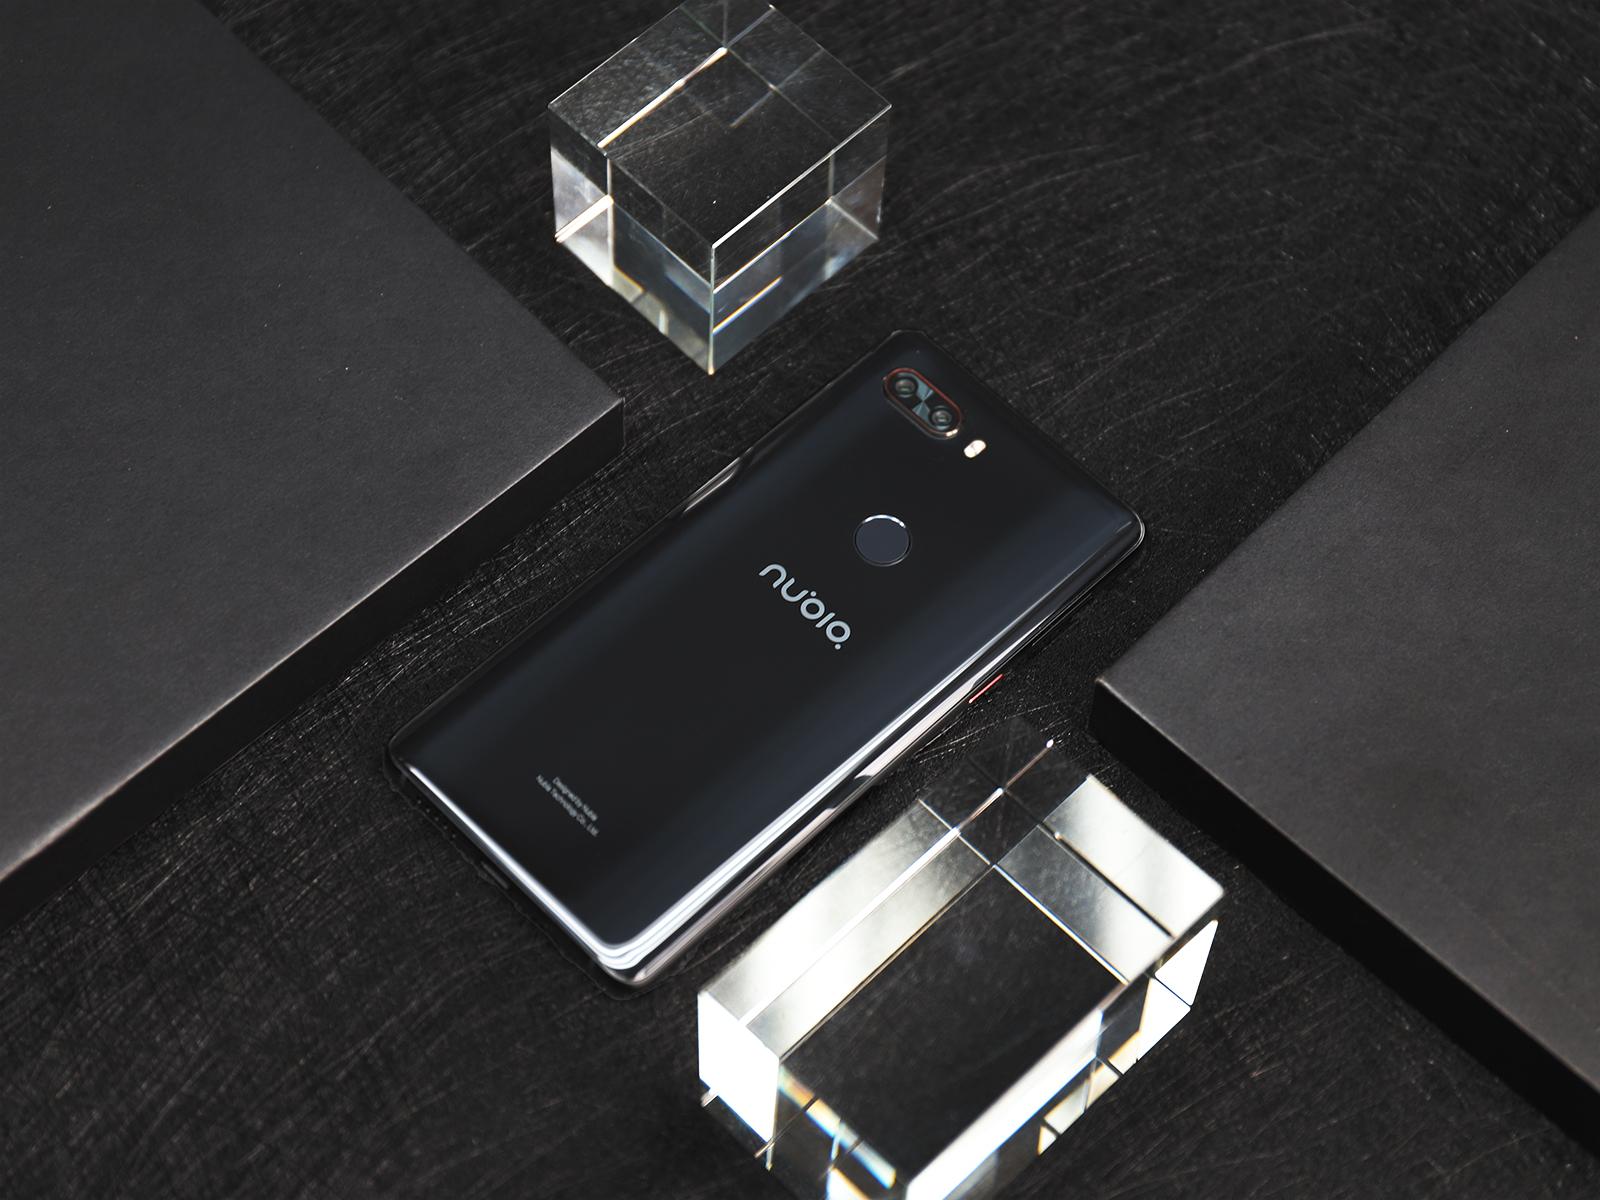 无边水滴屏加持 大屏与手感兼得 努比亚Z18旗舰手机评测